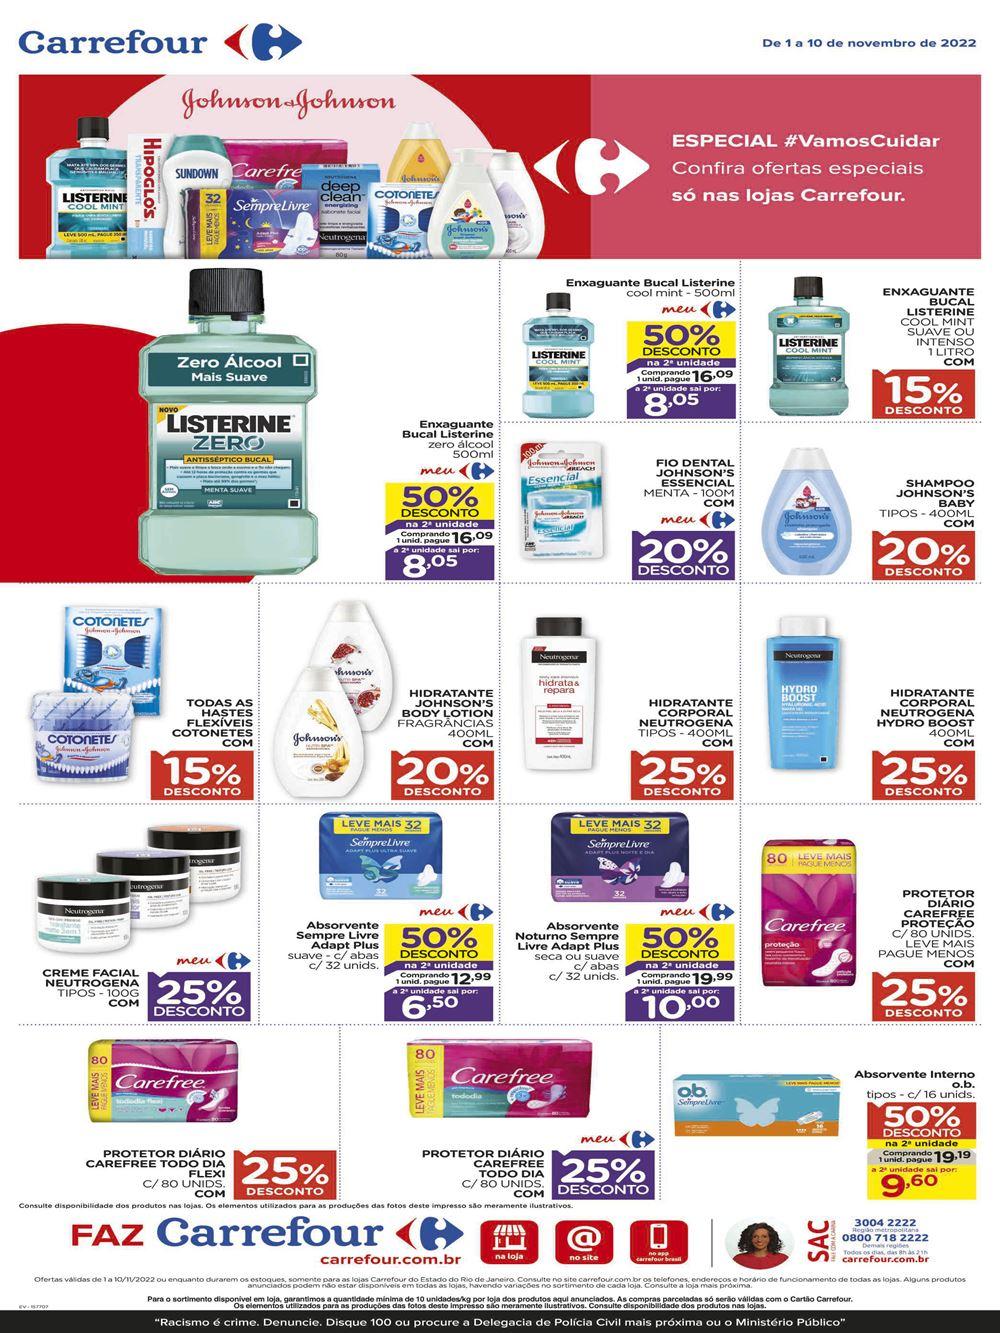 carrefour-ofertas-descontos-hoje12-19 Goiás